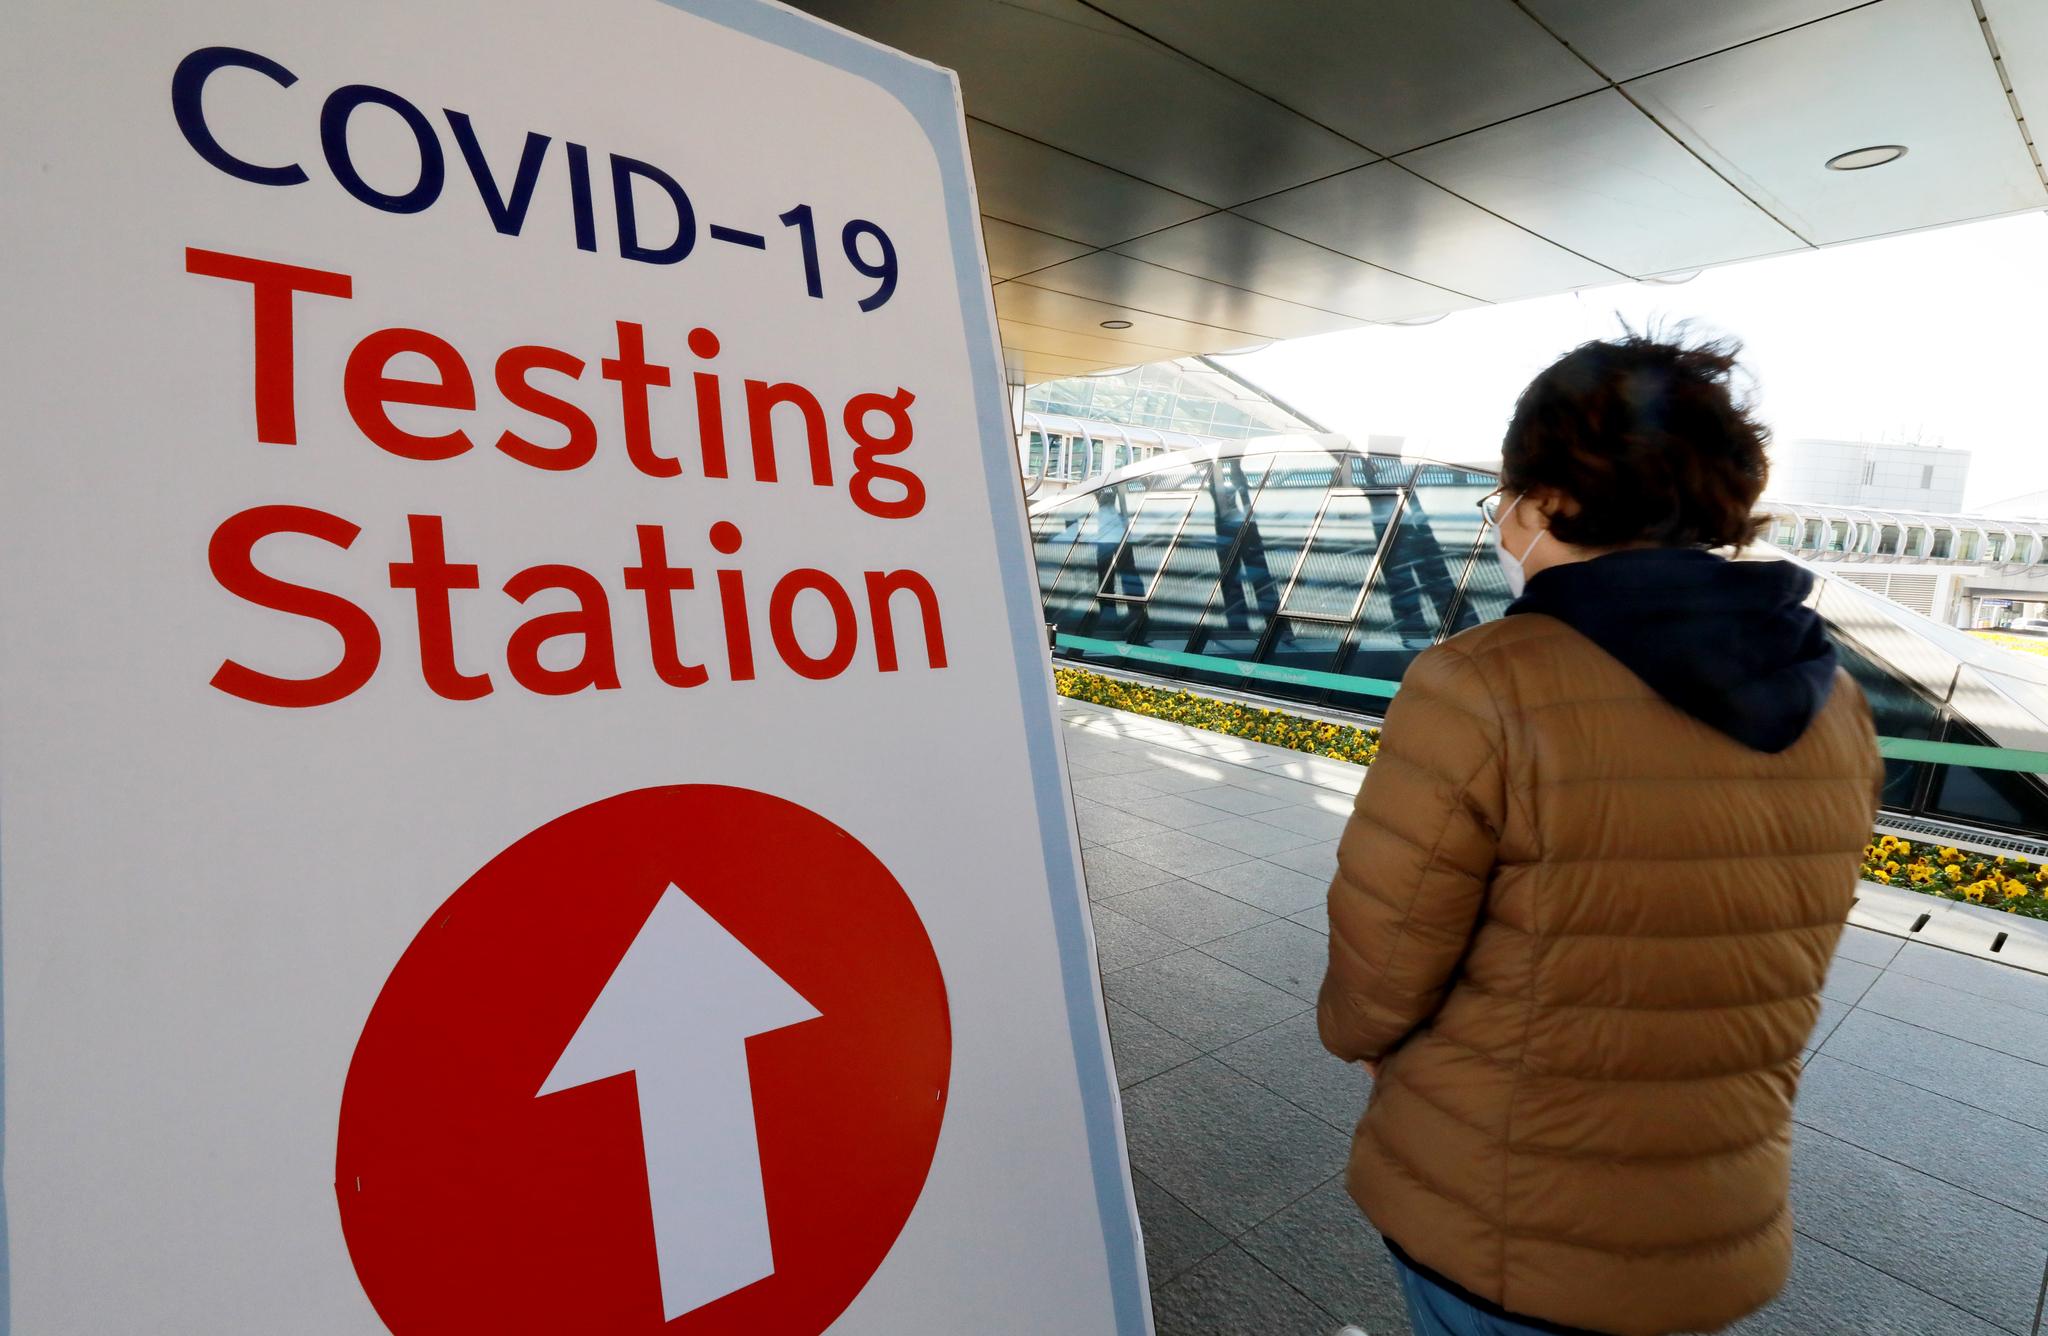 27일 오전 인천국제공항 제1터미널 옥외공간에 설치된 개방형 선별진료소에서 한 외국인이 신종 코로나바이러스 감염증(코로나19) 진단검사를 받기 위해 이동하고 있다. 뉴스1